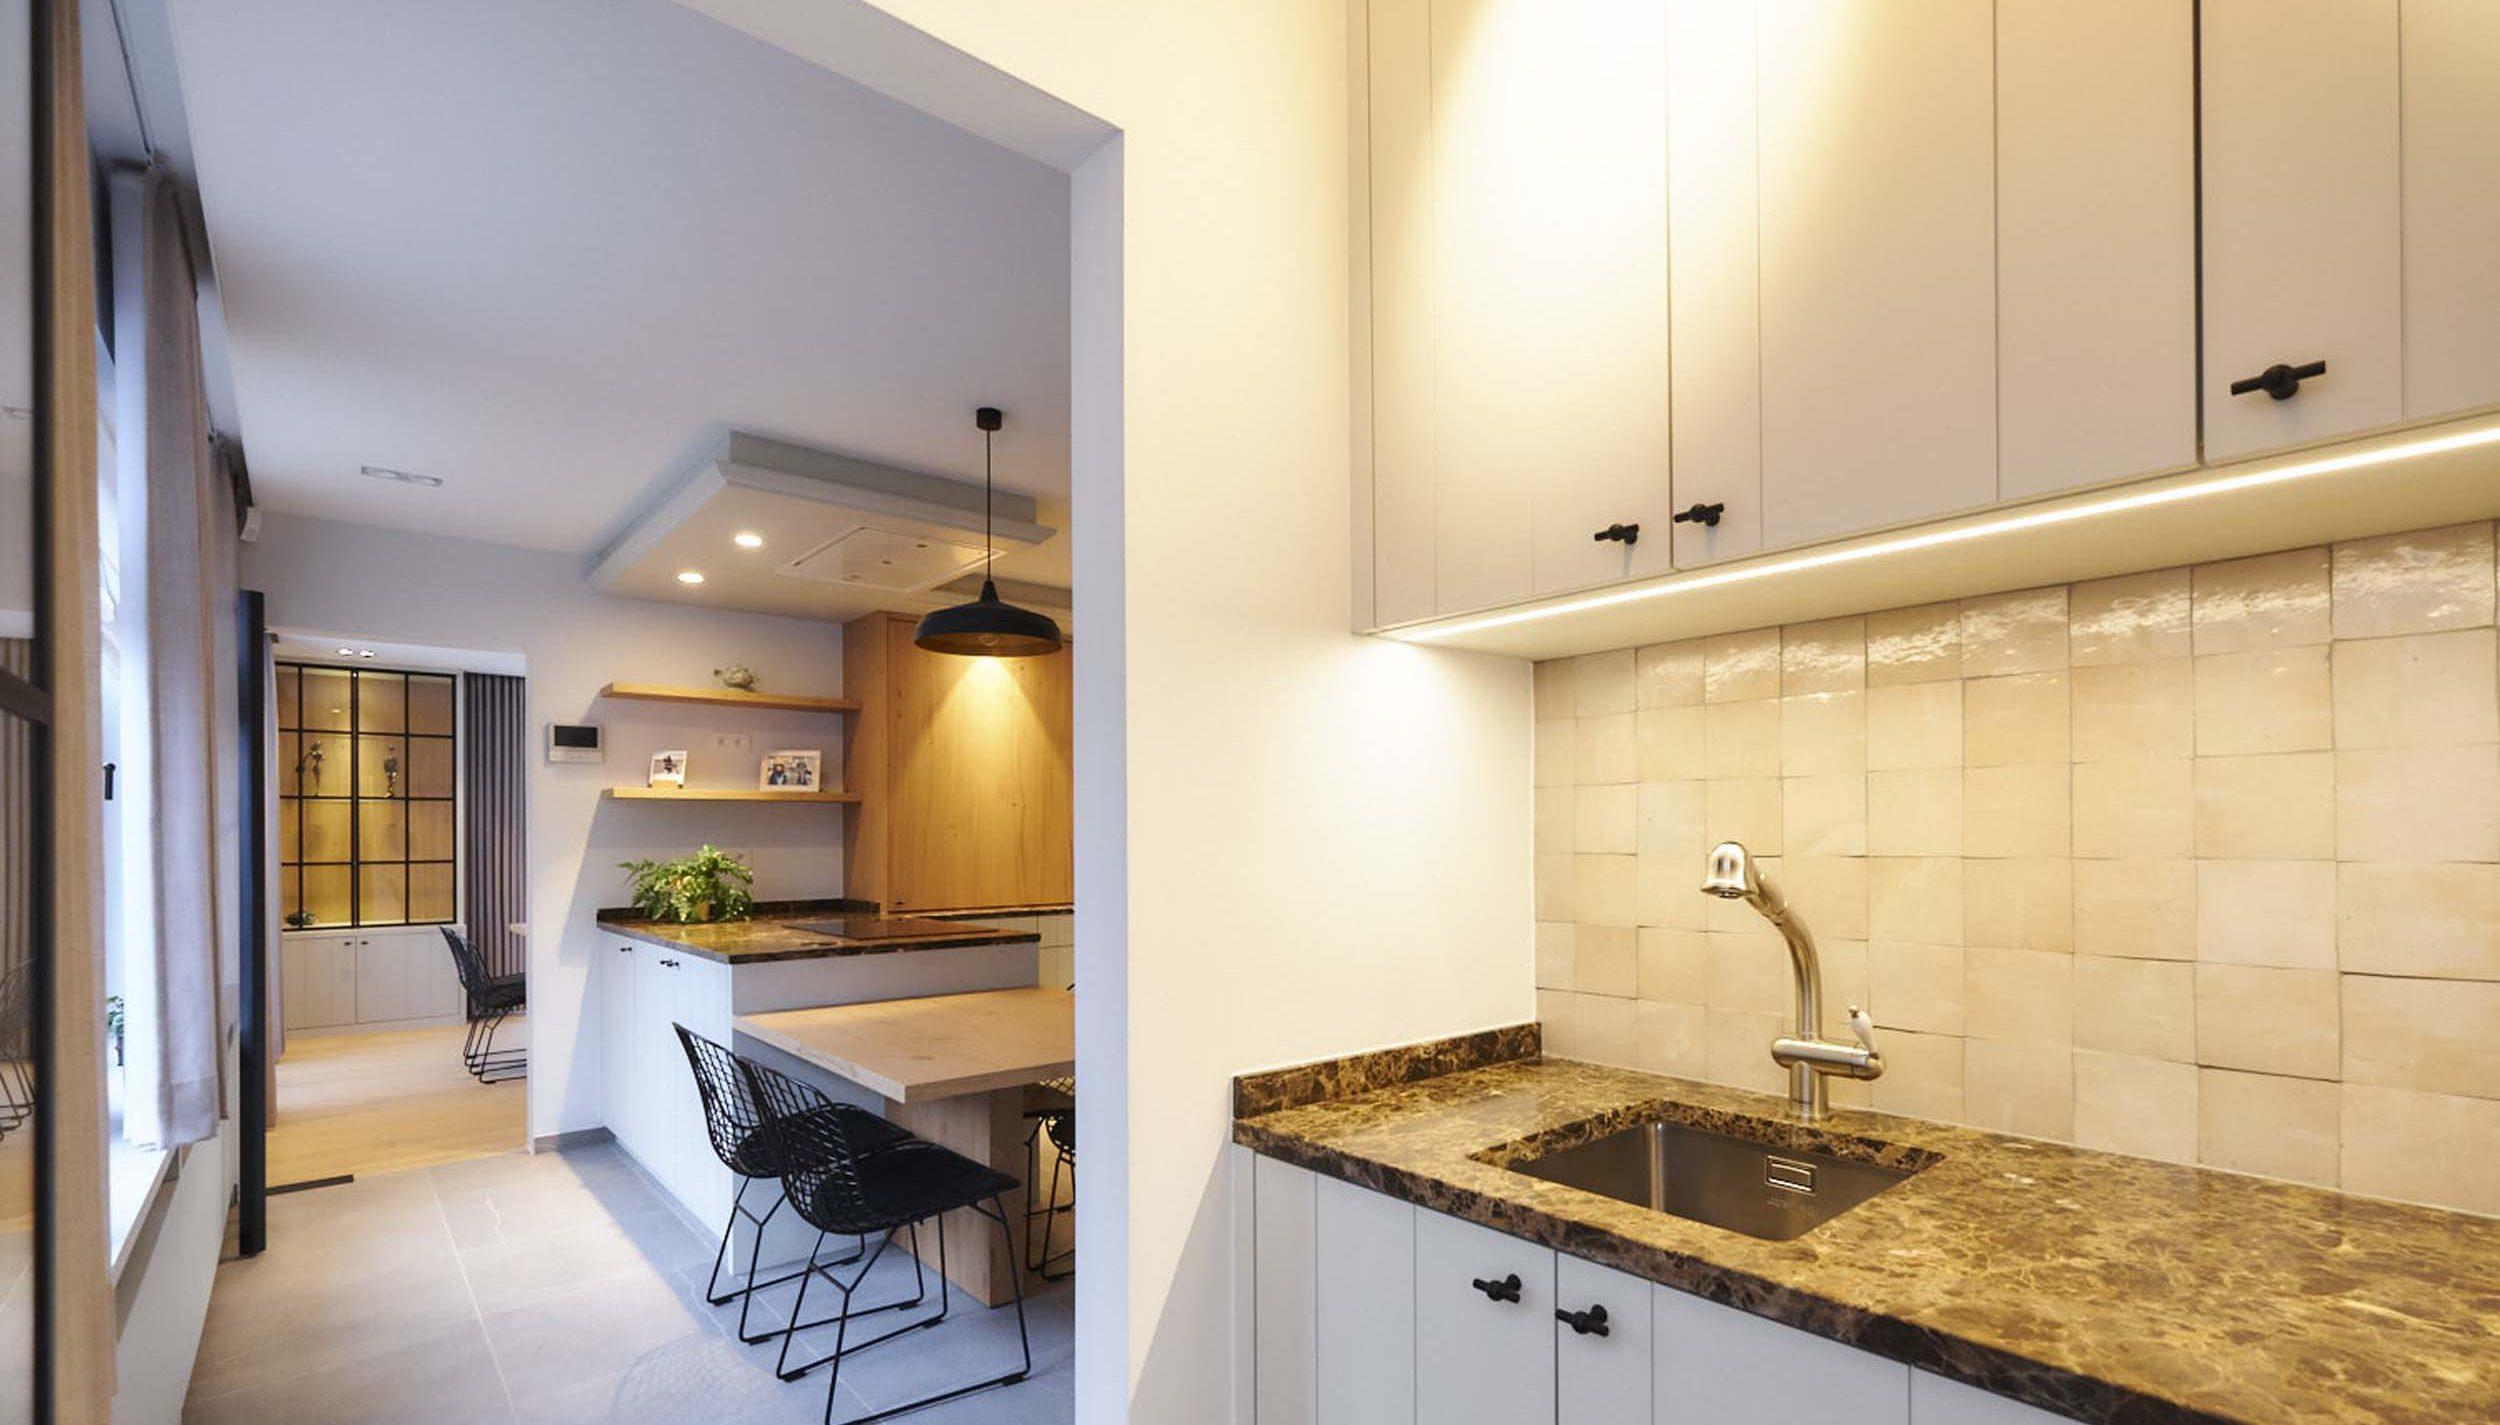 Vanda-projects-interieurinrichting-meubelmakerij-oost-vlaanderen-vilez-keuken-inrichting